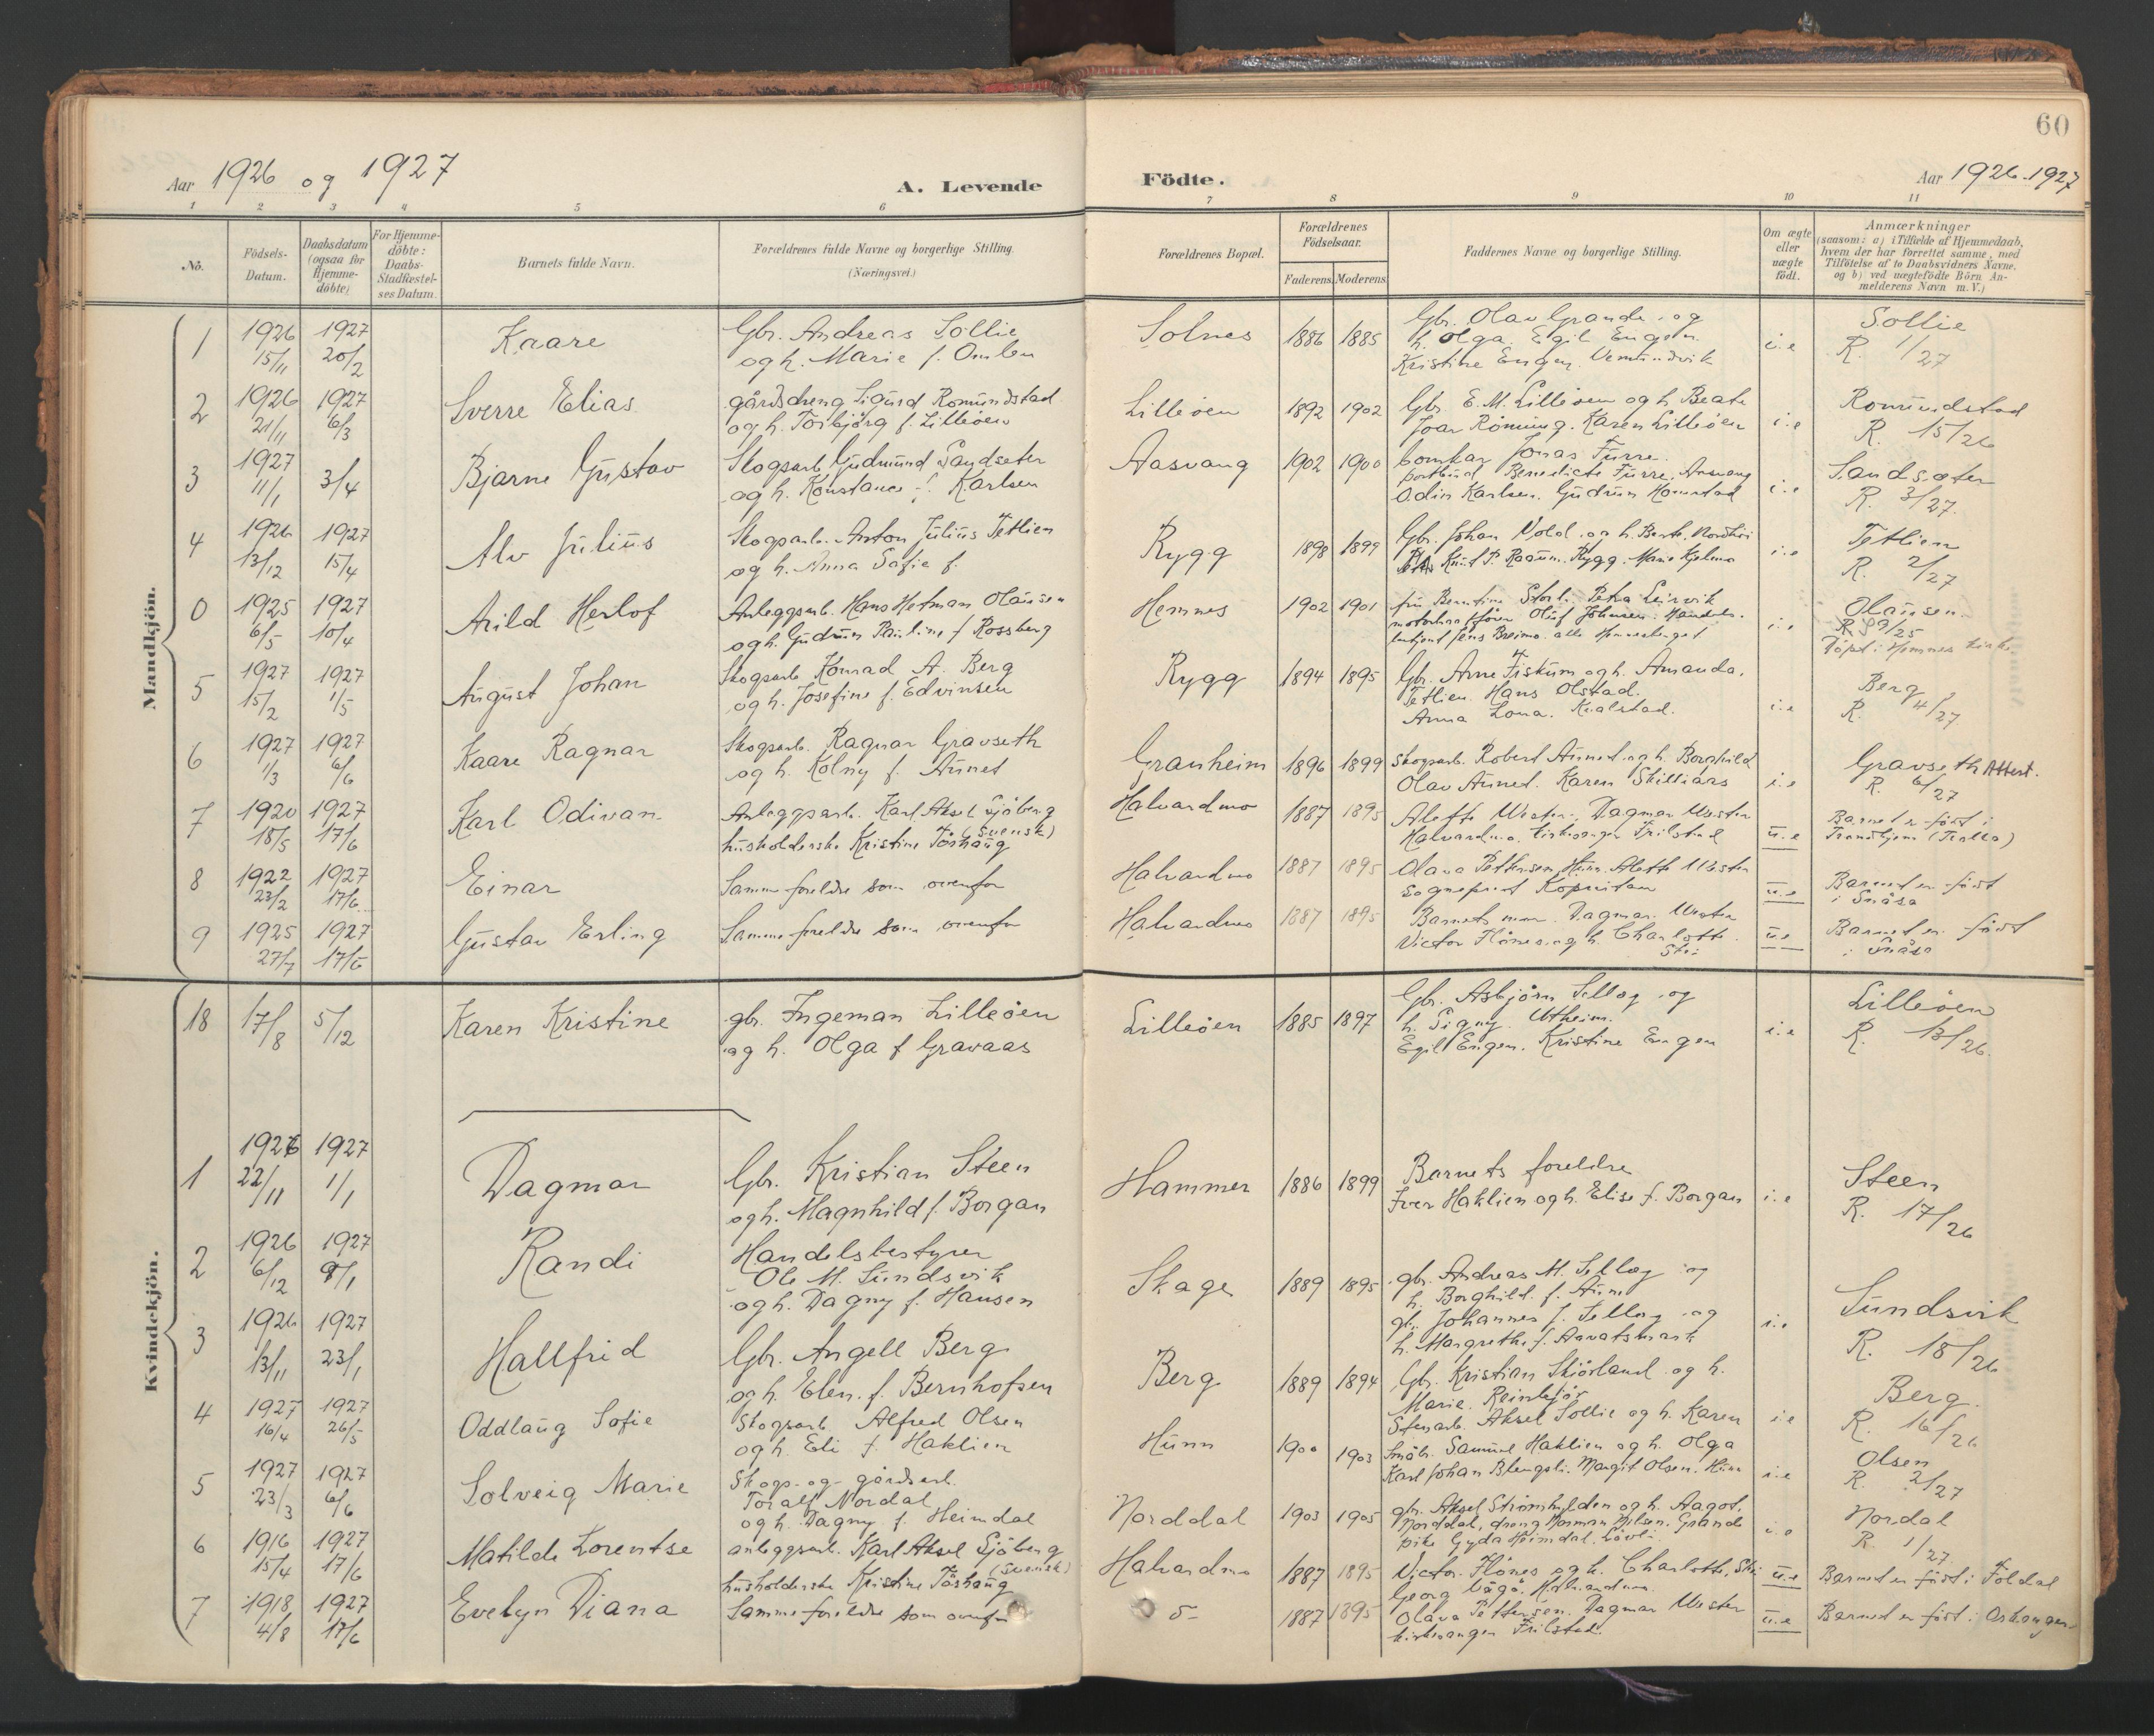 SAT, Ministerialprotokoller, klokkerbøker og fødselsregistre - Nord-Trøndelag, 766/L0564: Ministerialbok nr. 767A02, 1900-1932, s. 60